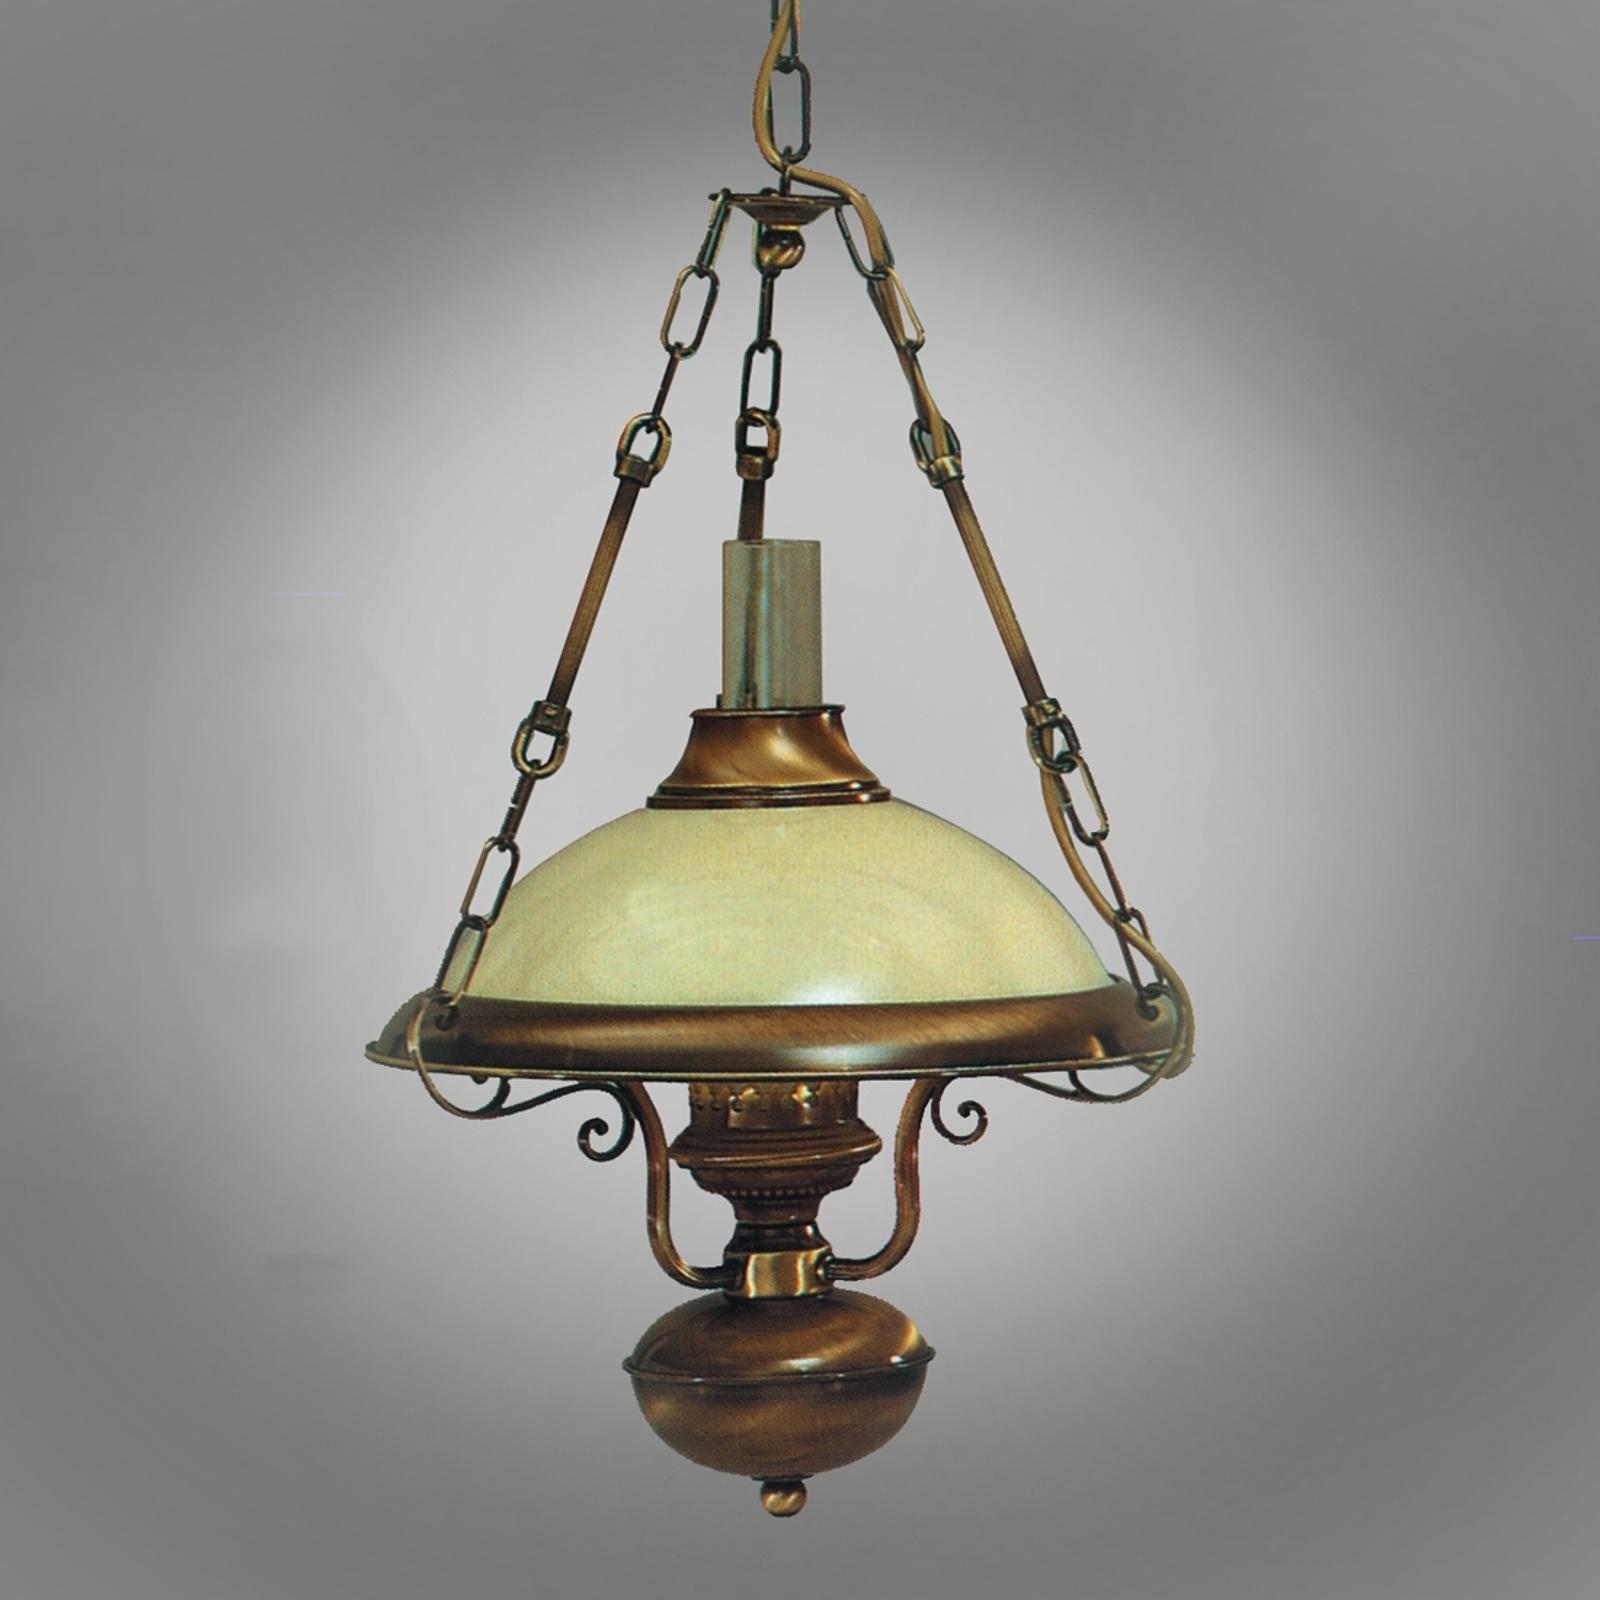 Lampa wisząca VALENTINA w kształcie latarni